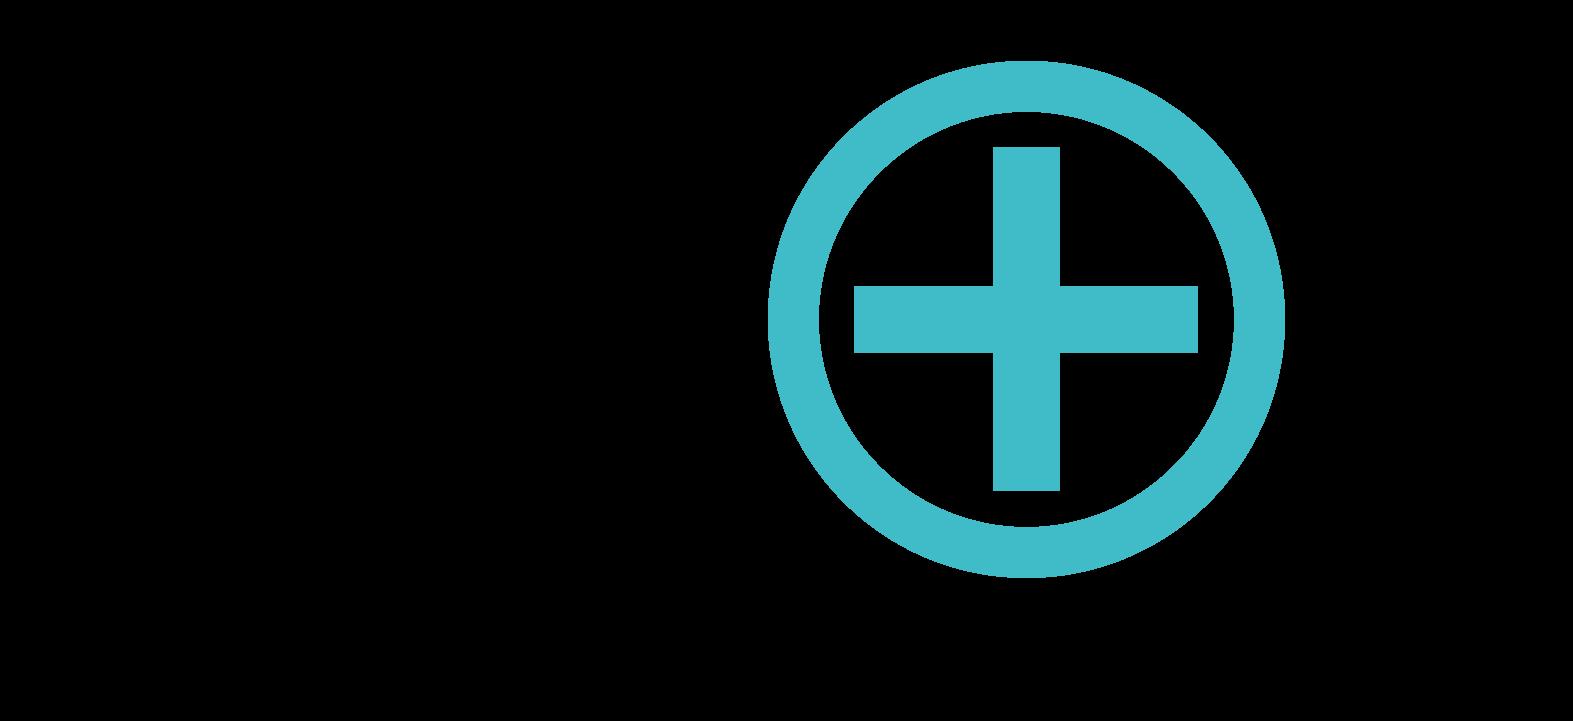 Institut für betriebliche Gesundheitsförderung und medizinische Leistungsdiagnostik